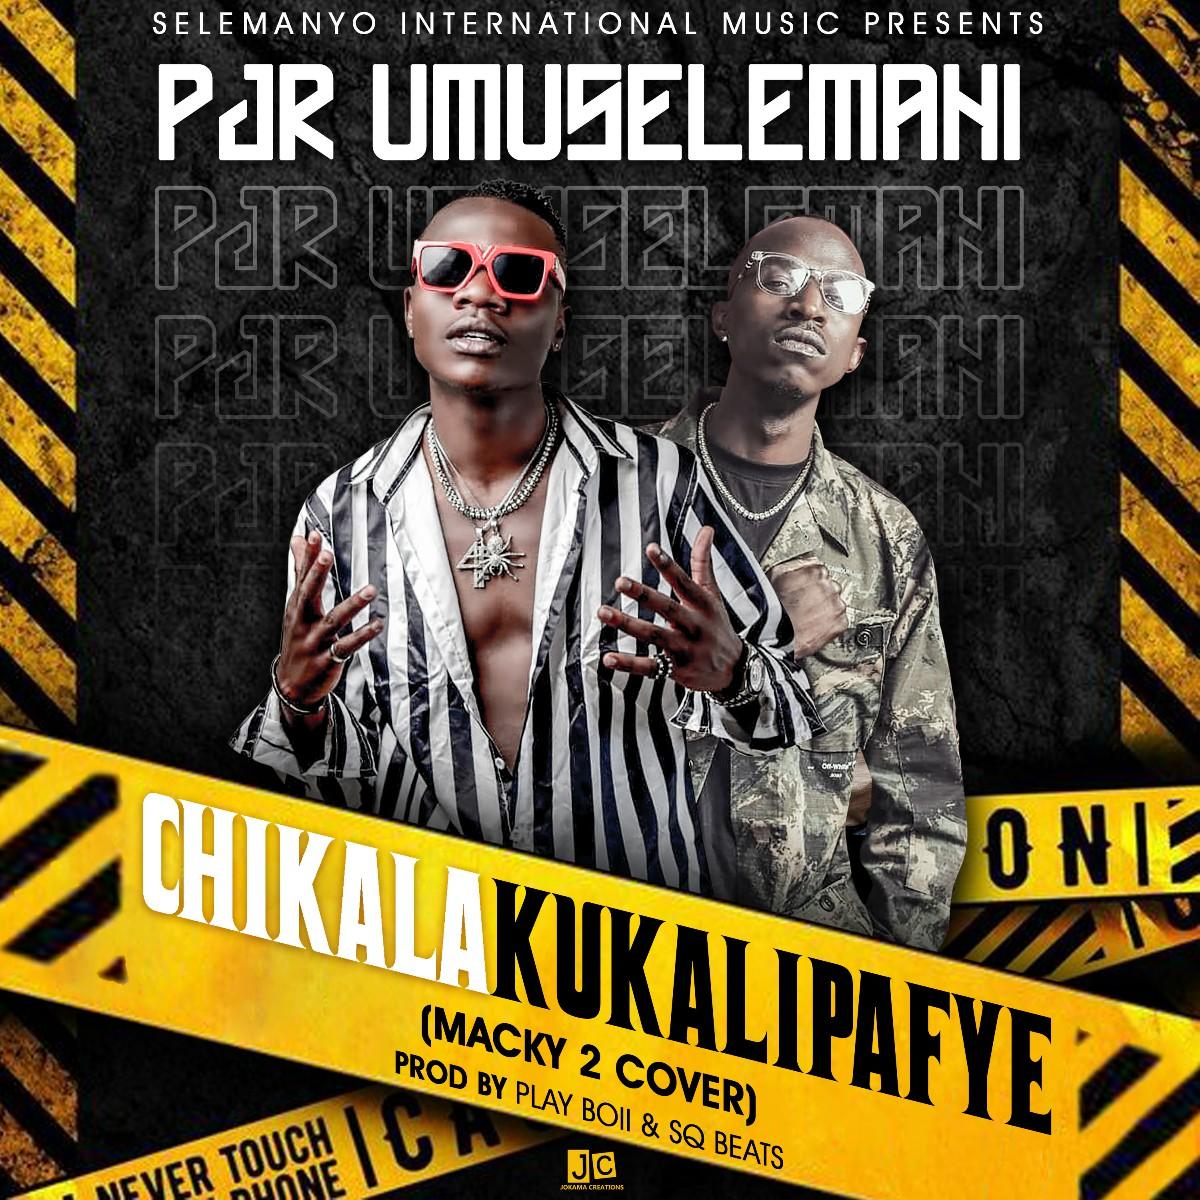 P Jr. Umuselemani - Chikalakukalipafye (Macky 2 Cover)